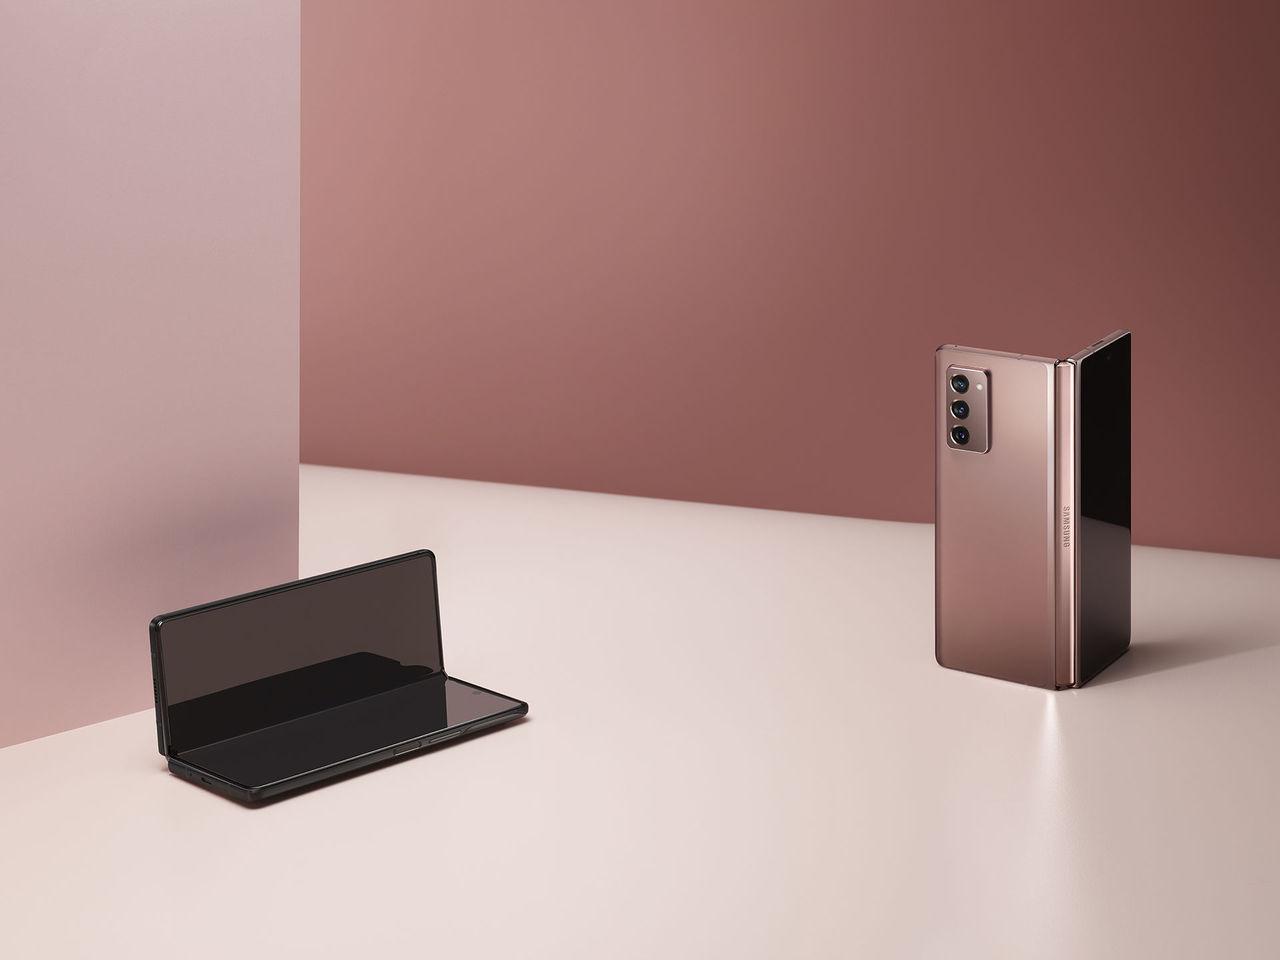 Även nästa Fold-telefon kommer få stöd för pekpenna